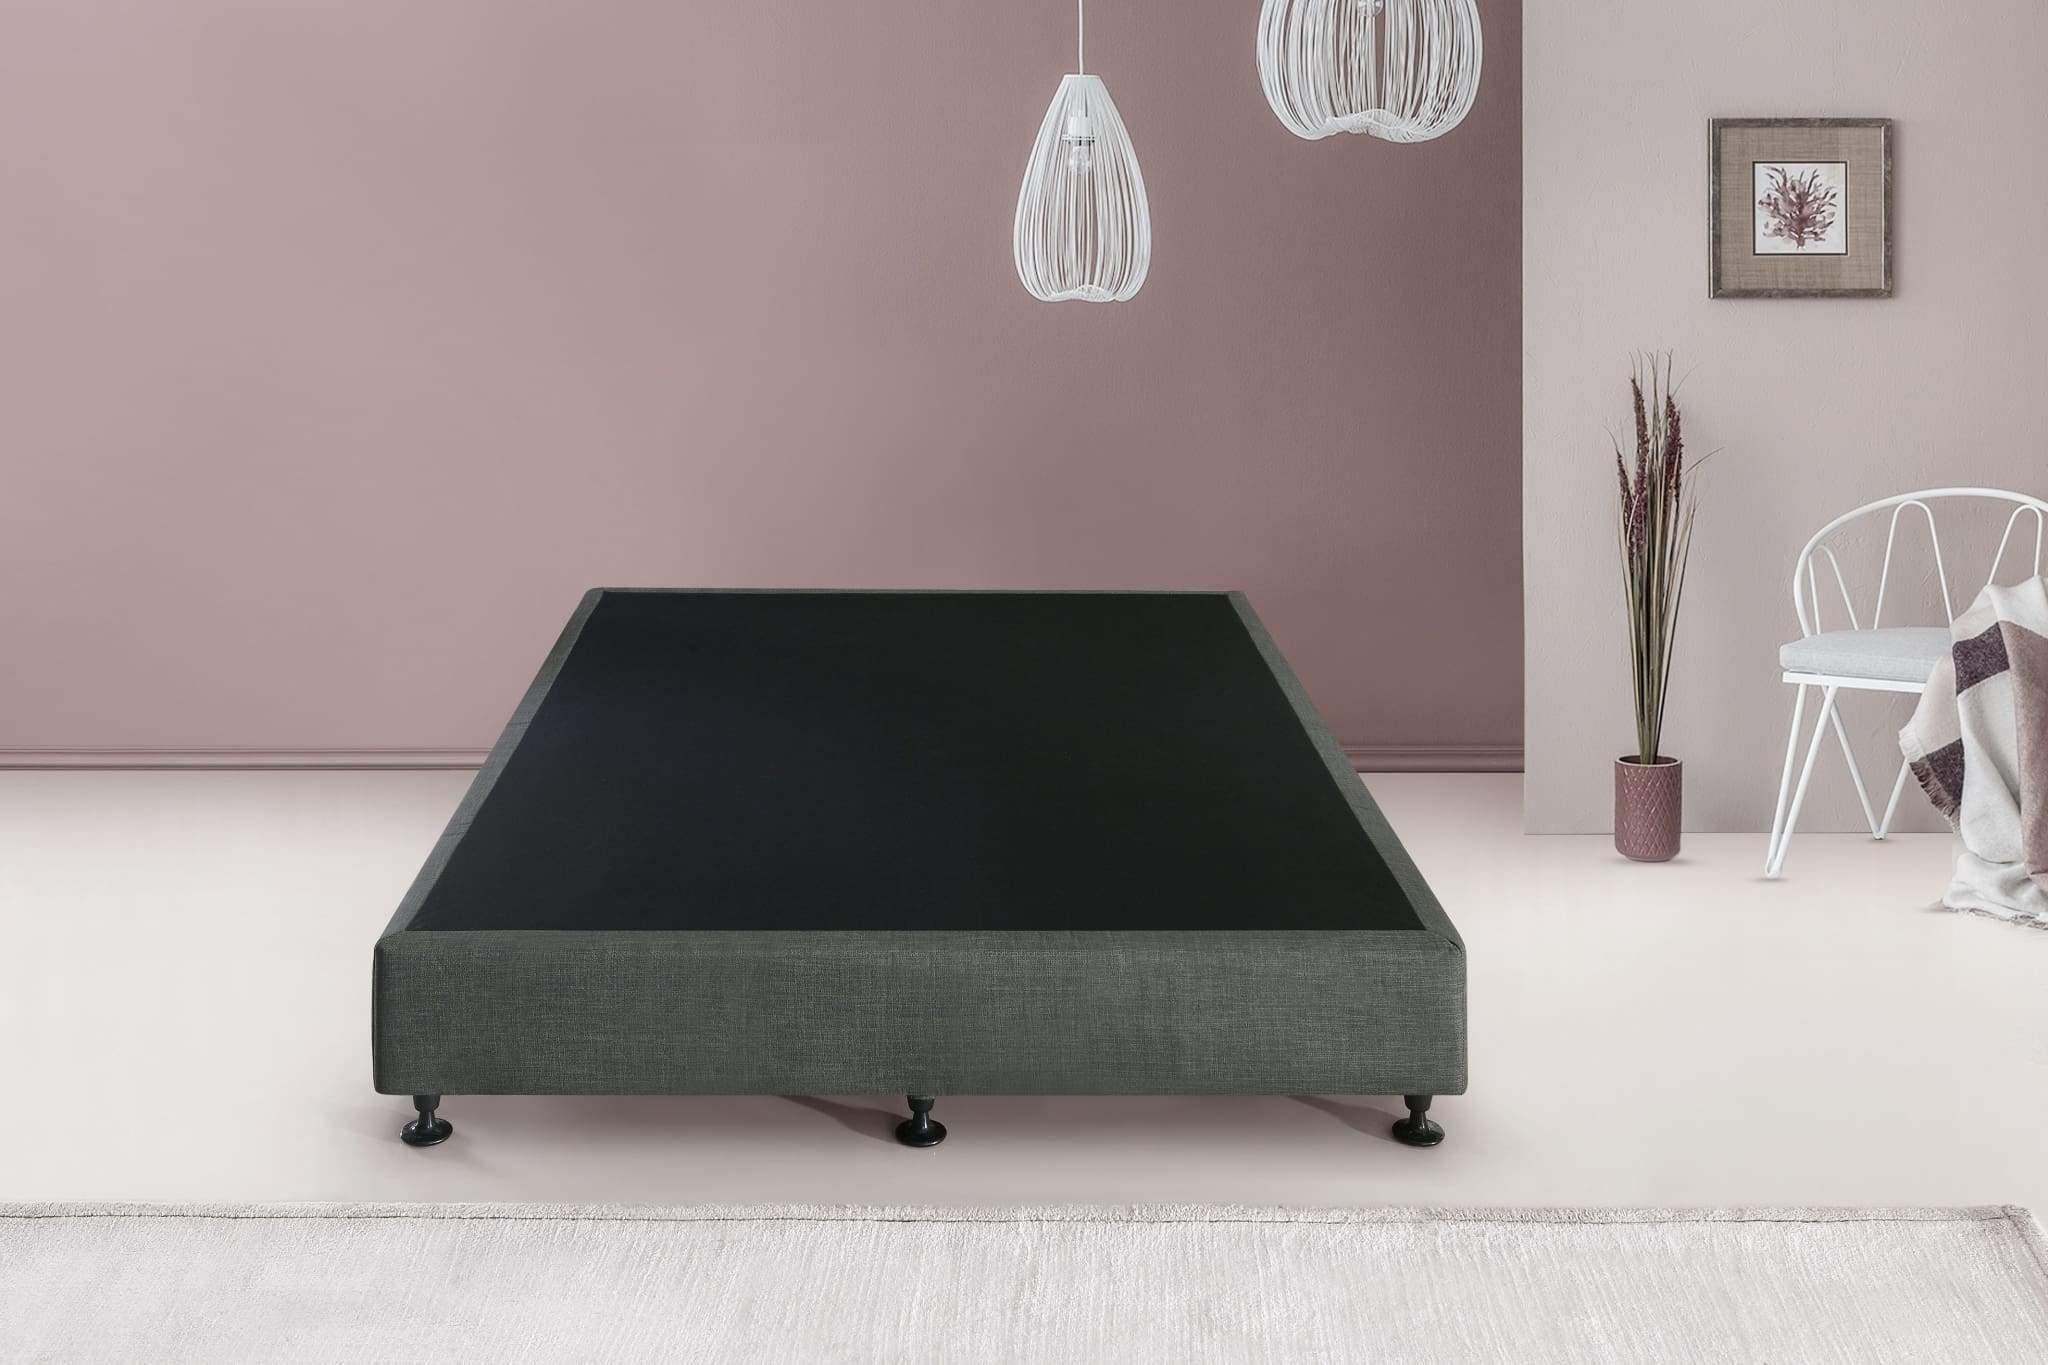 Ensemble bed base